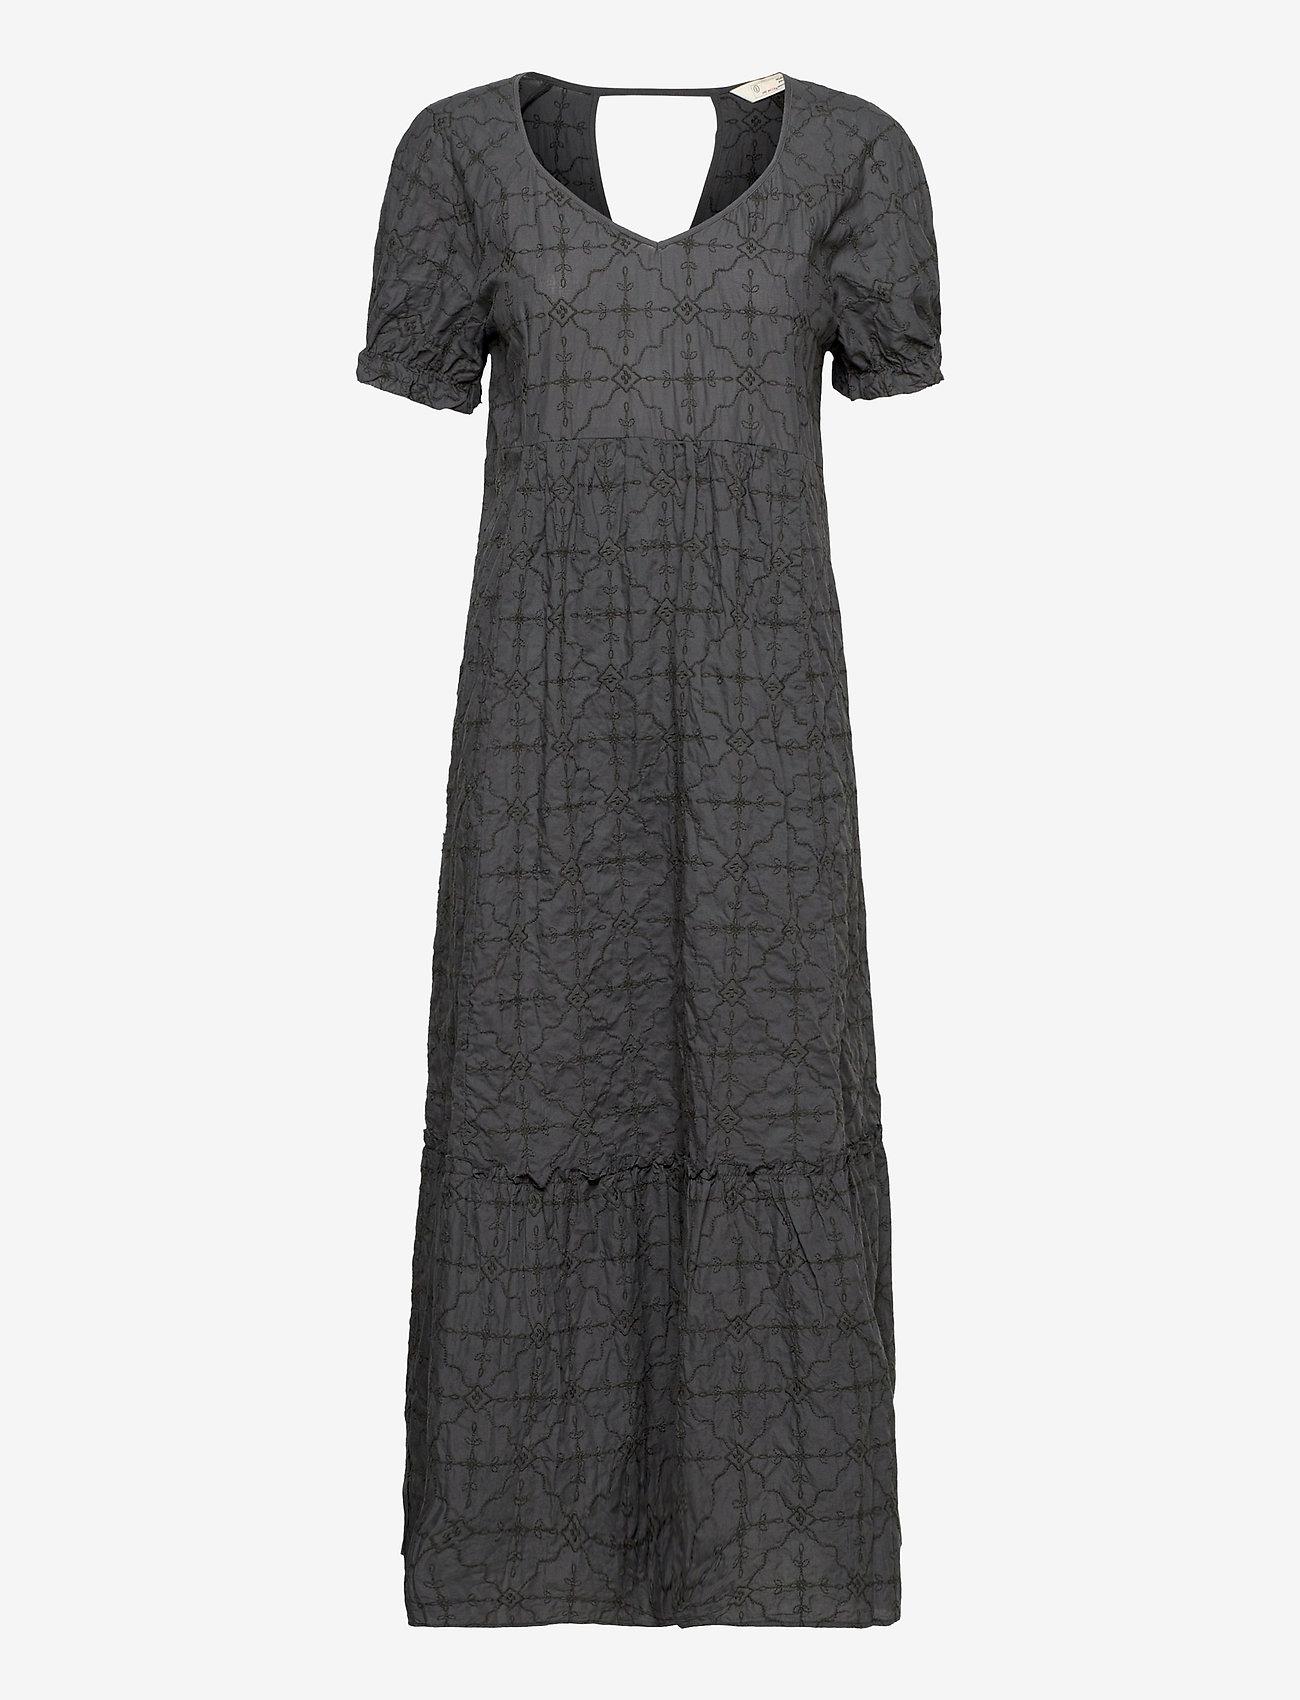 ODD MOLLY - Latrice Dress - sommerkjoler - asphalt - 1